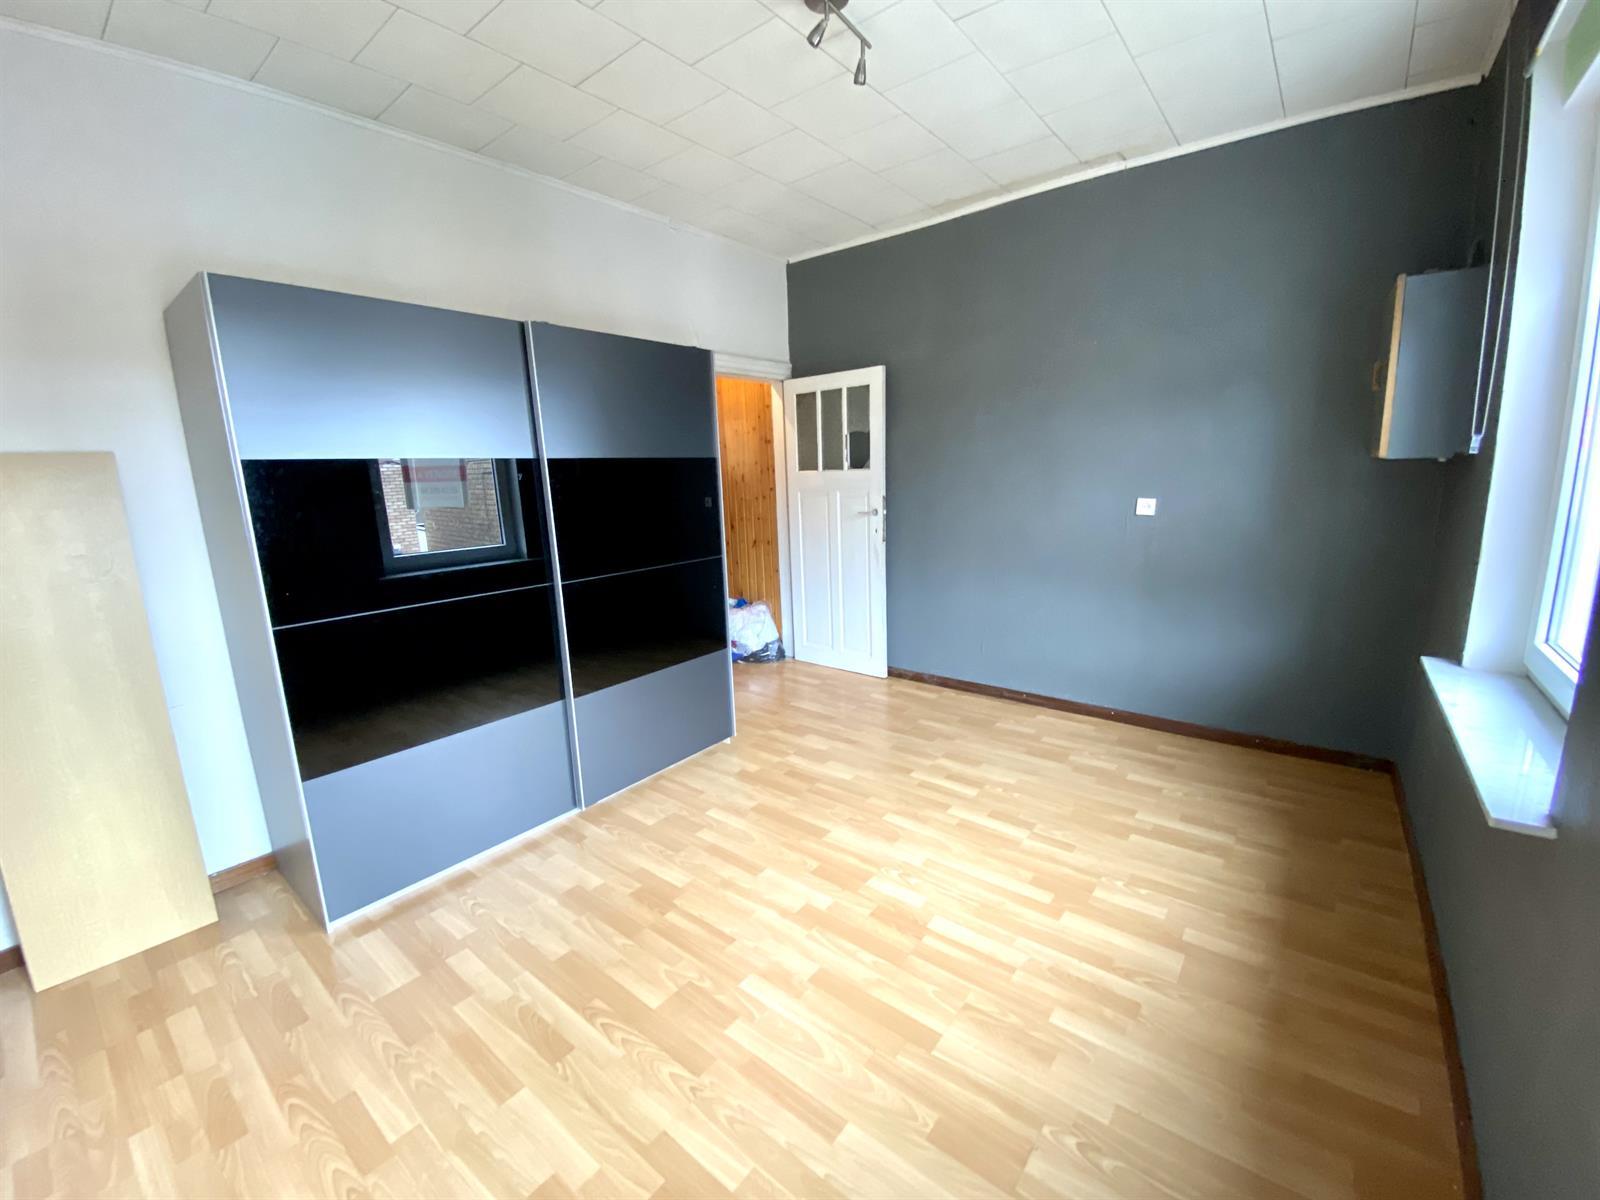 House - Jemeppe-sur-Meuse - #4312091-7